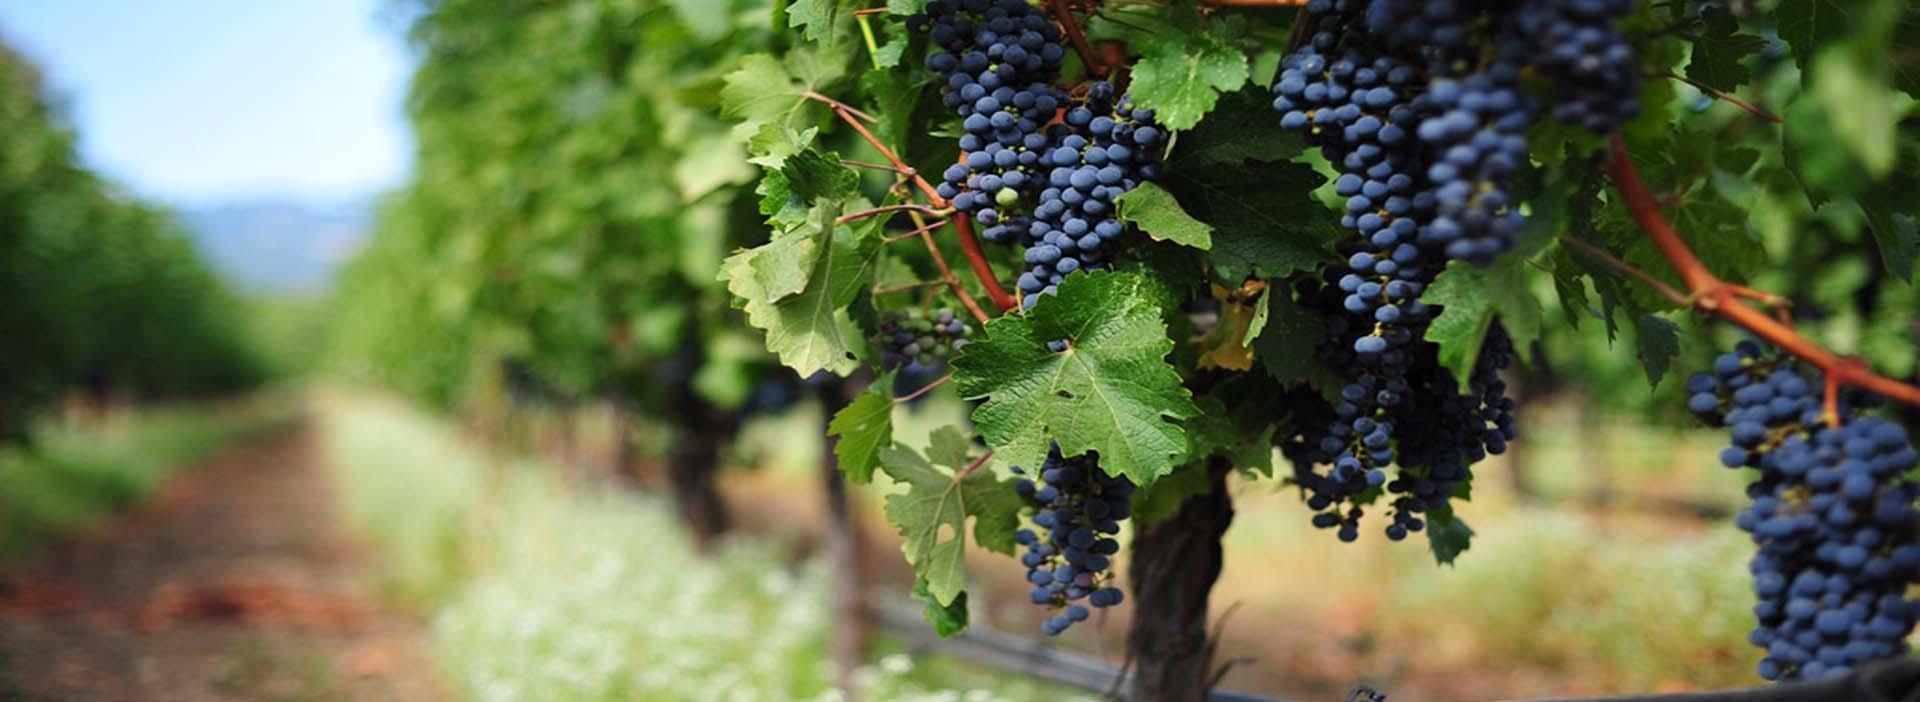 best italian wine from trentino